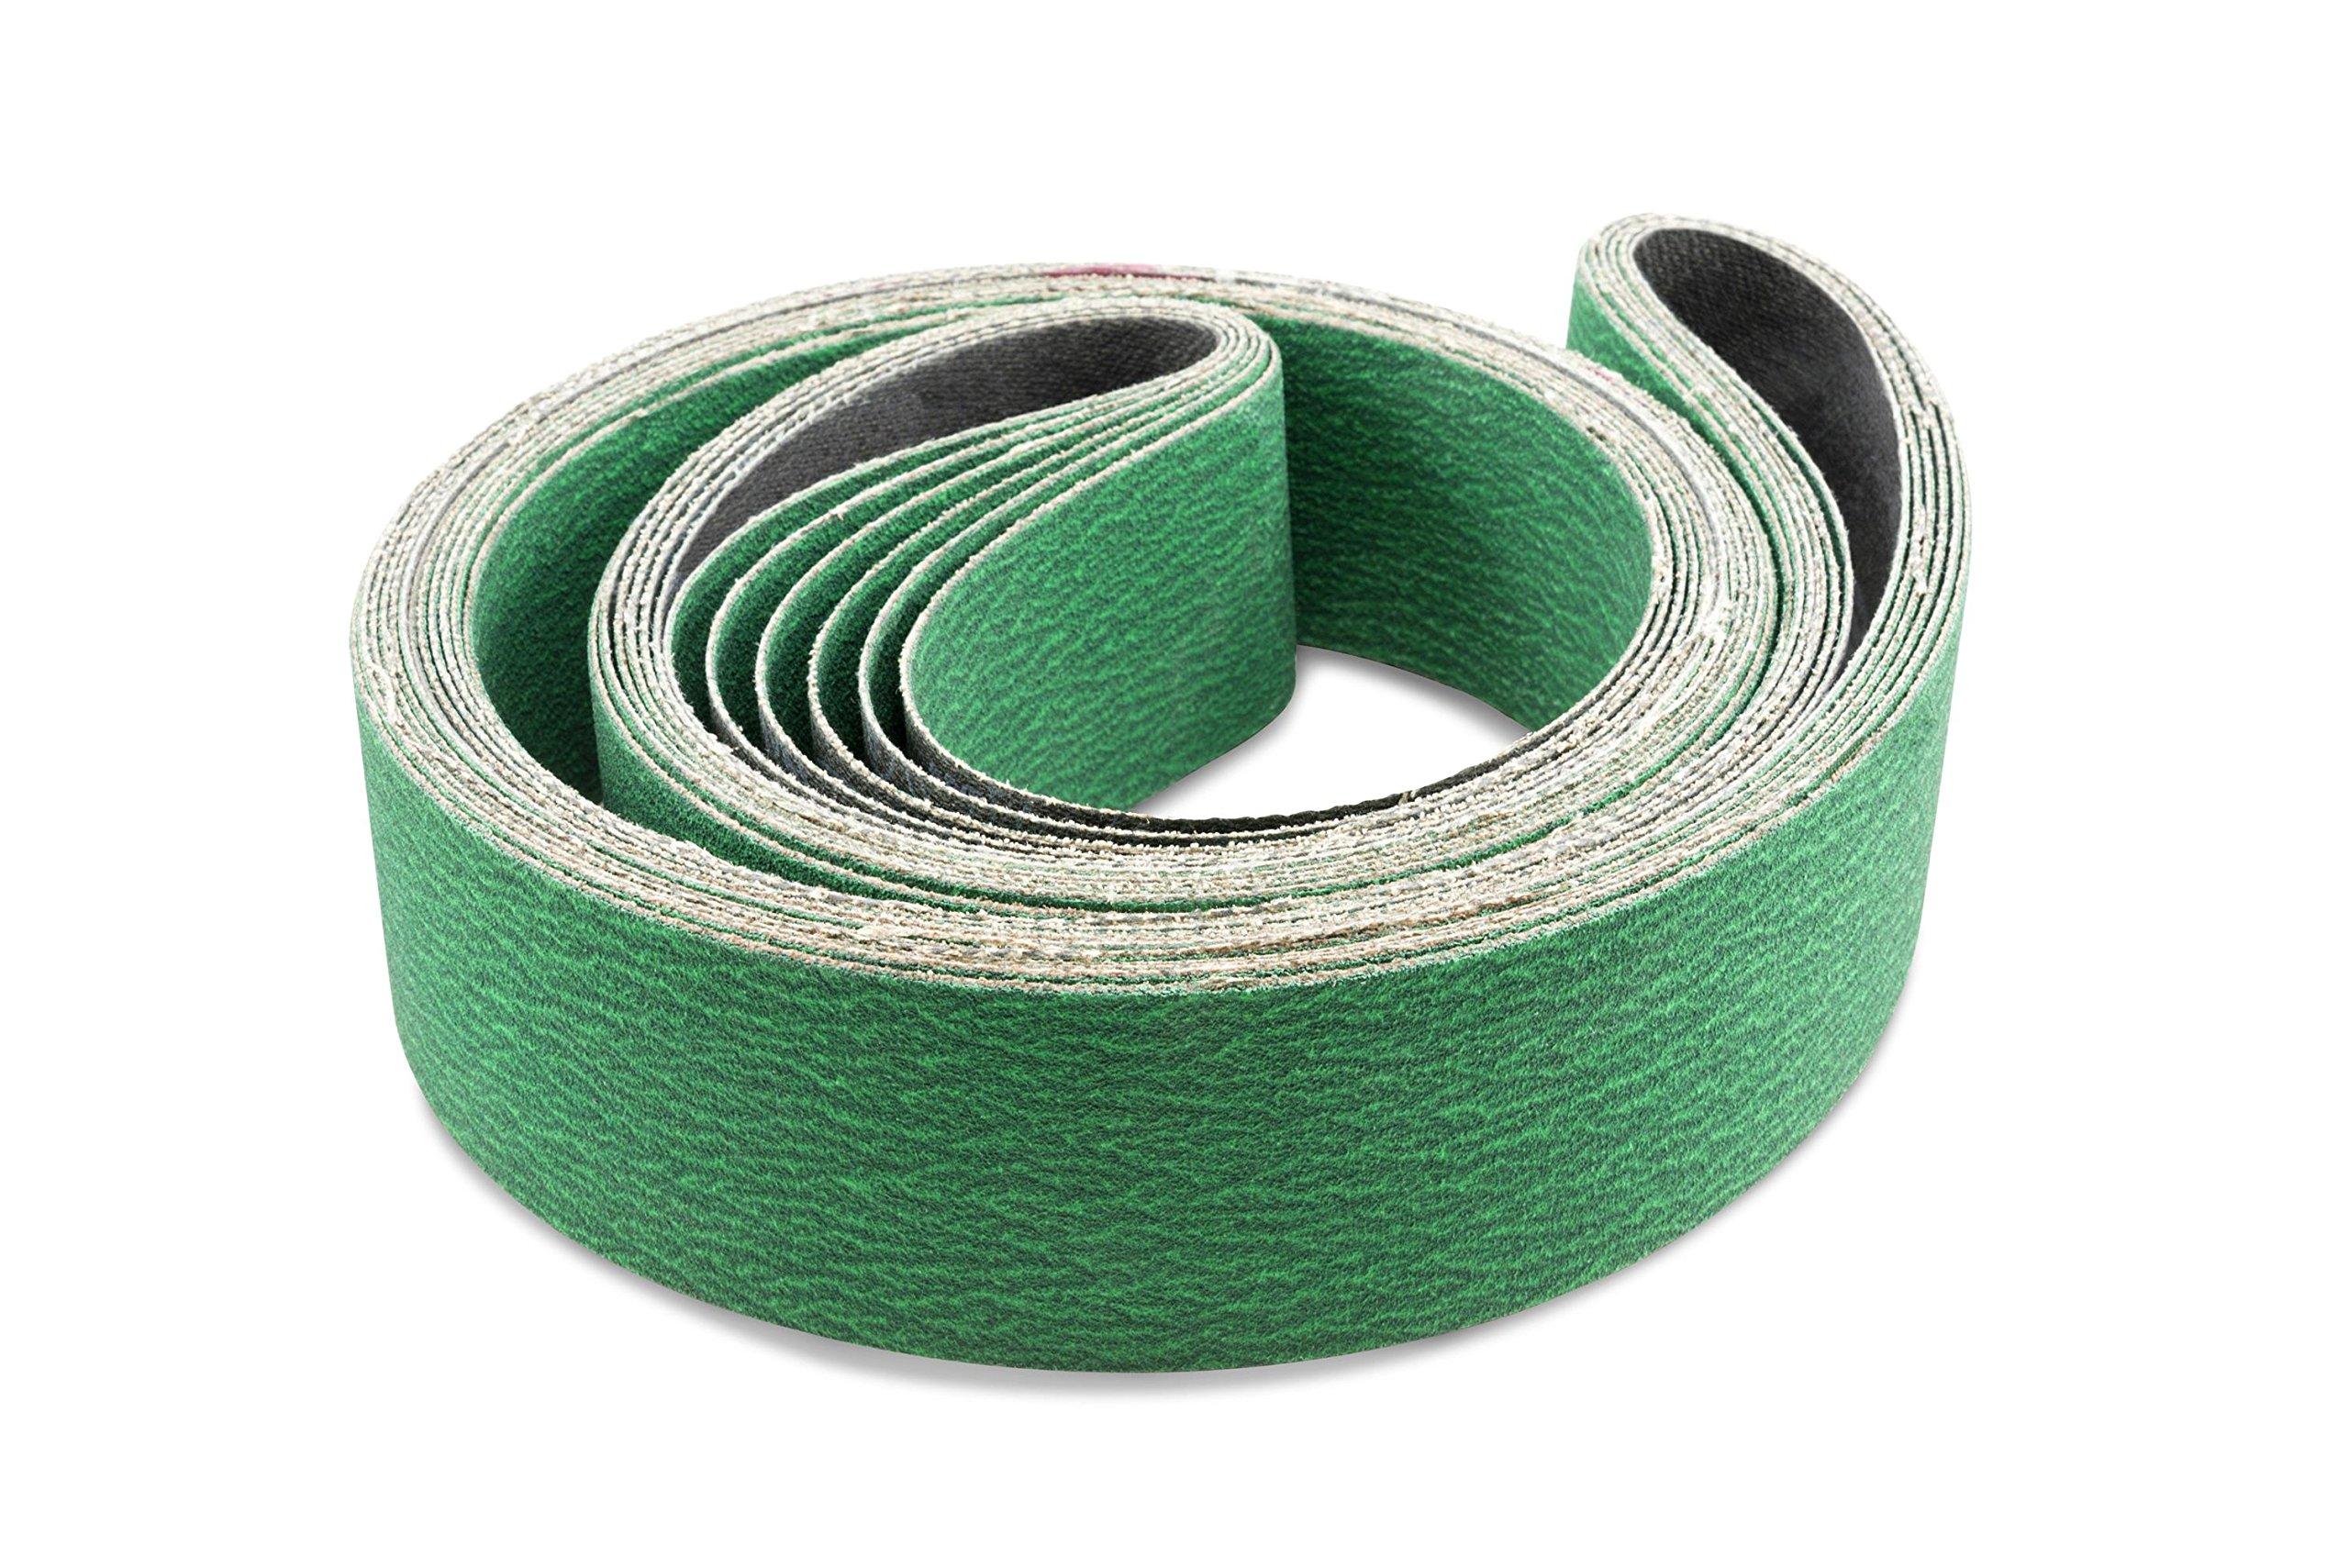 2 X 72 Inch 24 Grit Metal Grinding Zirconia Sanding Belts, 6 Pack